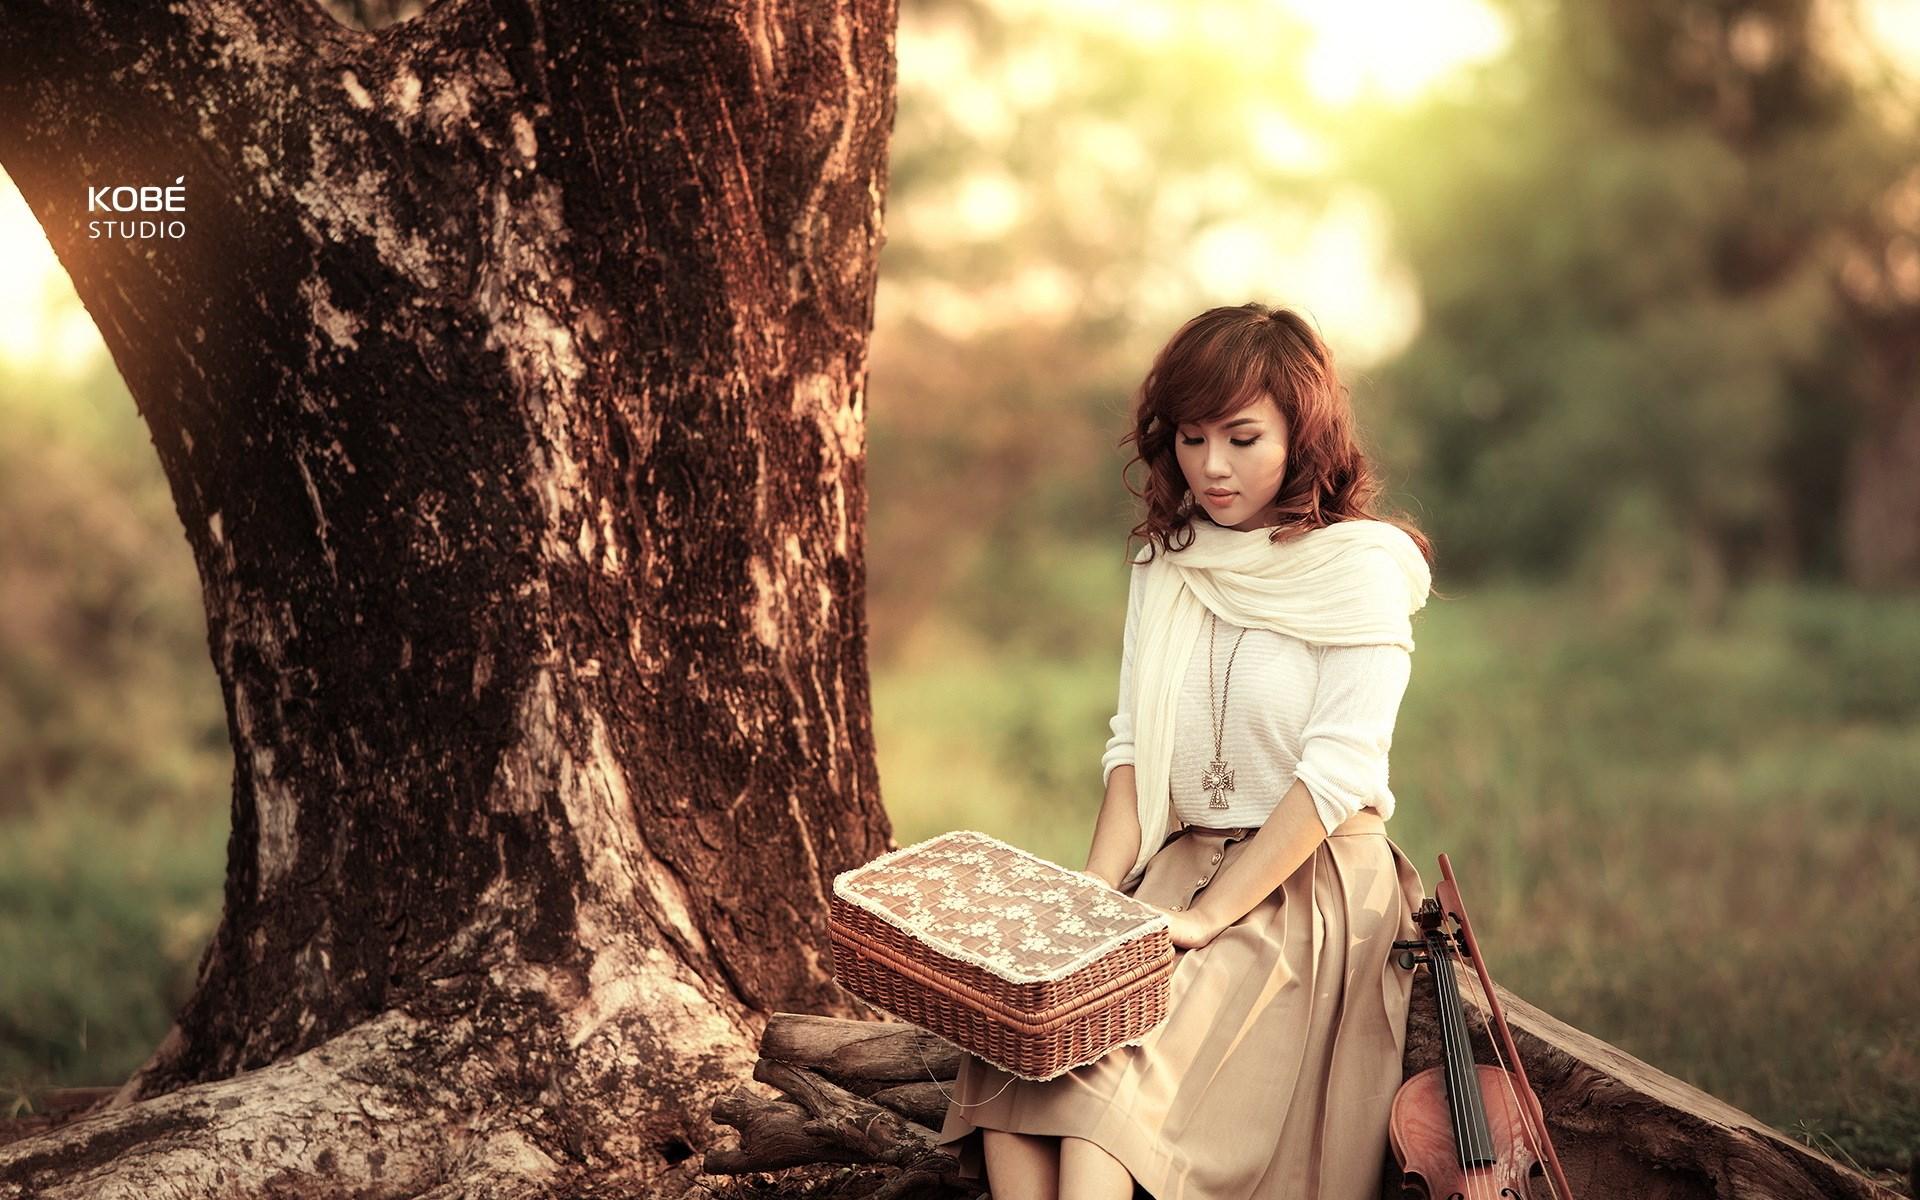 Girl Asian Violin Music